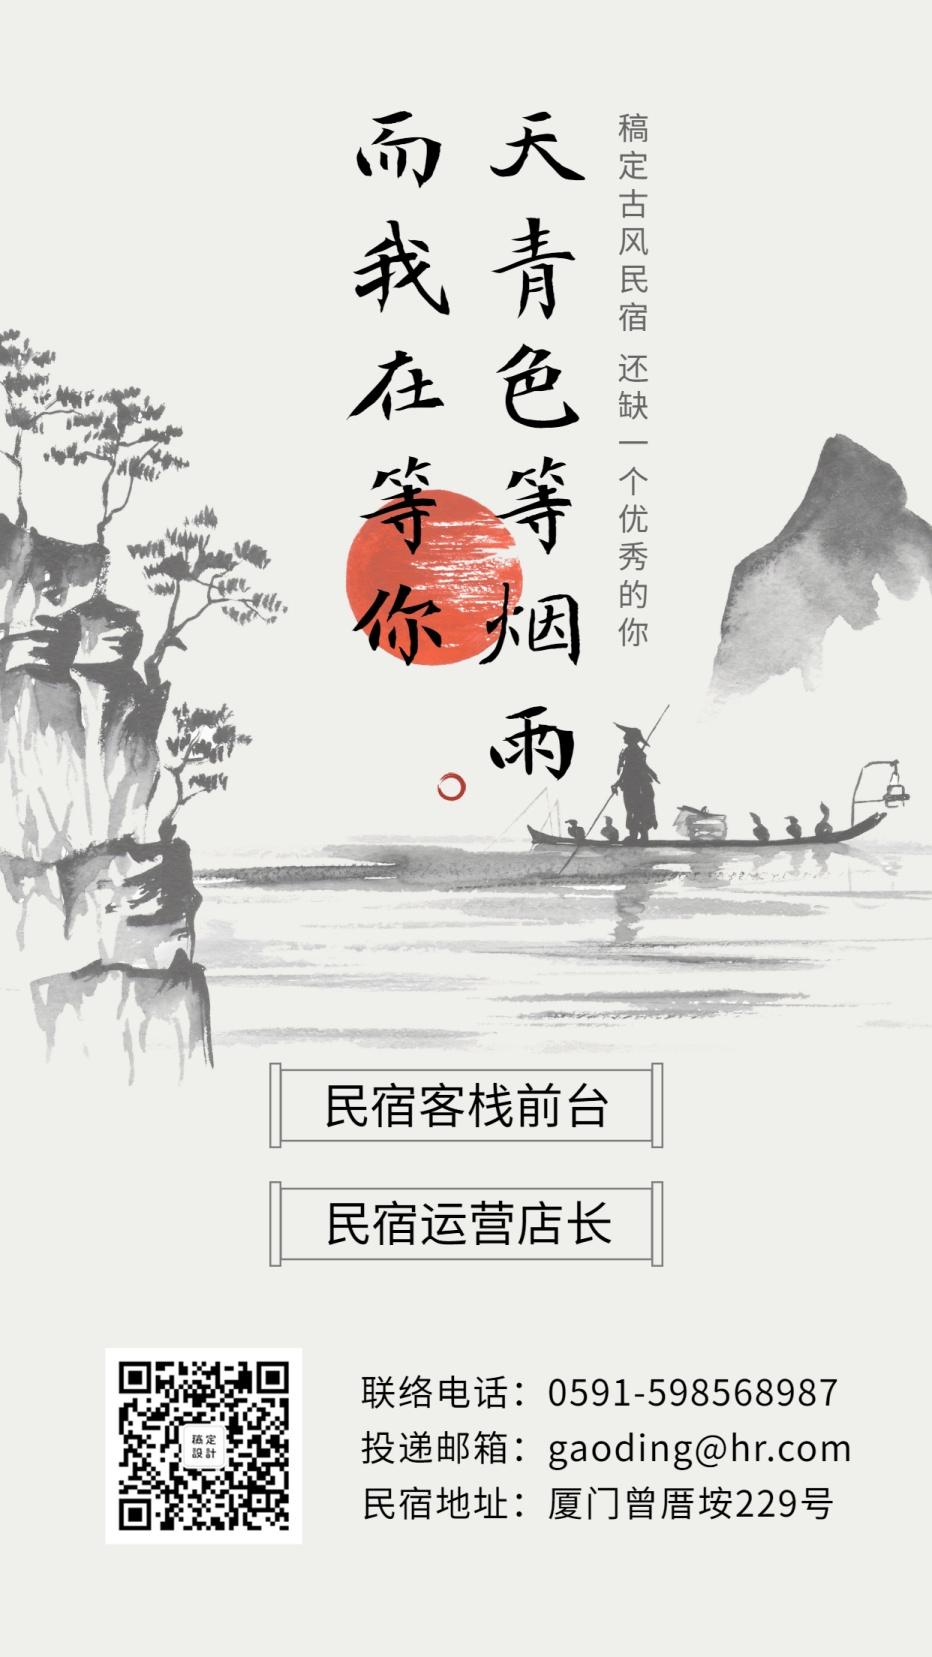 中国风民宿招聘海报